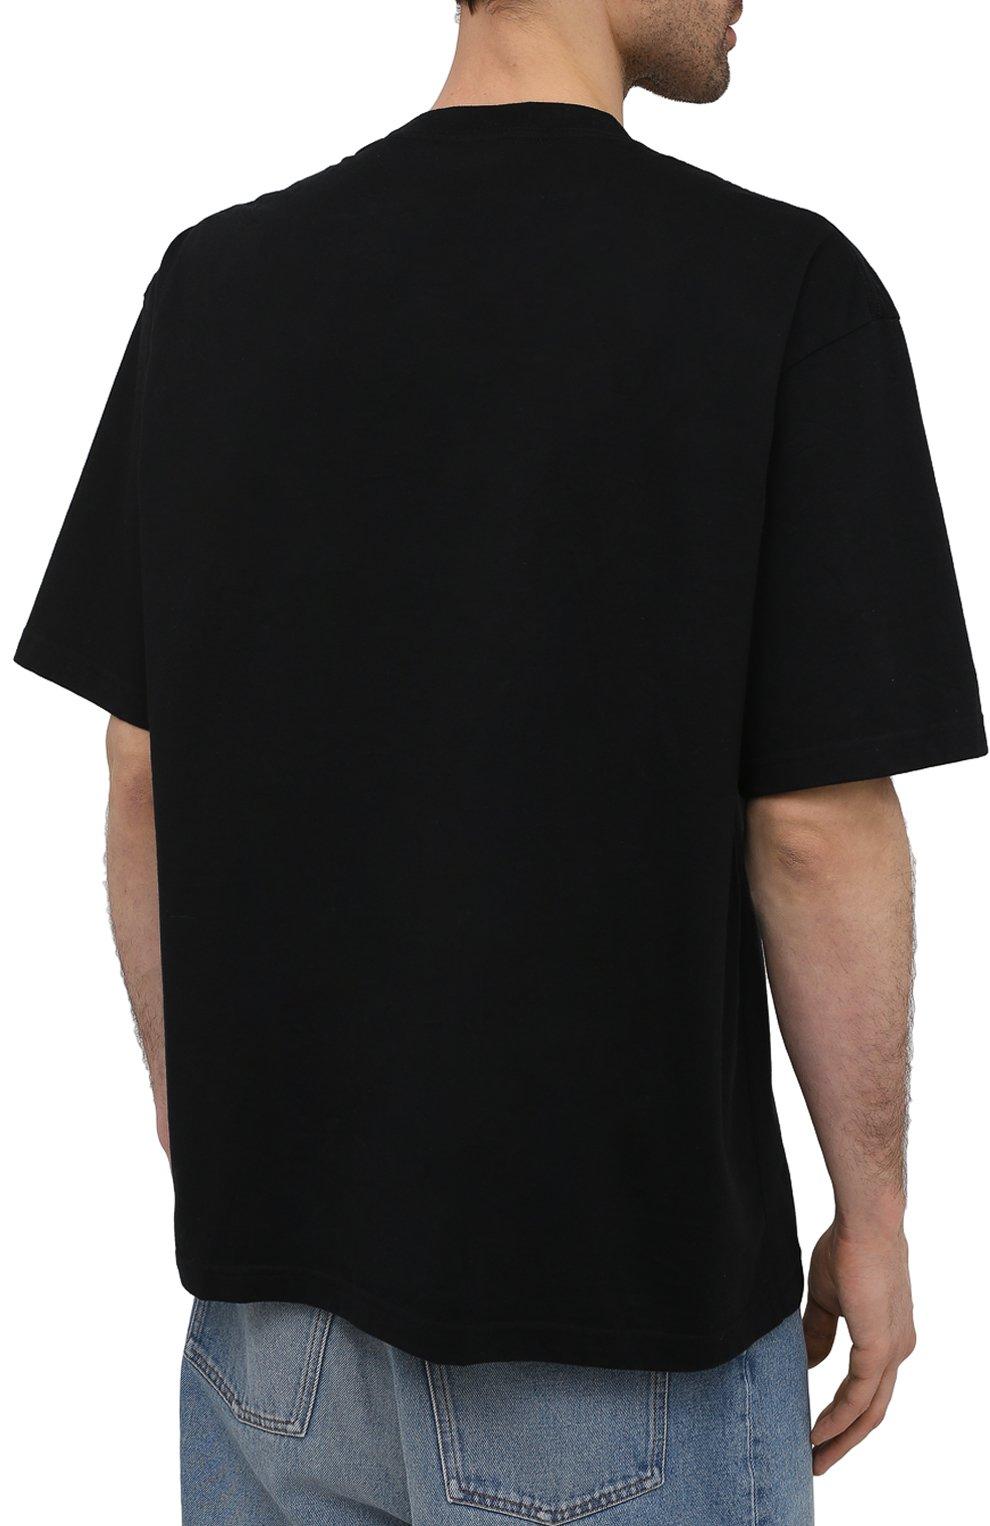 Мужская футболка BALENCIAGA черного цвета, арт. 612966/TJVI3   Фото 4 (Рукава: Короткие; Материал внешний: Синтетический материал, Хлопок; Длина (для топов): Стандартные; Стили: Гранж; Принт: С принтом)